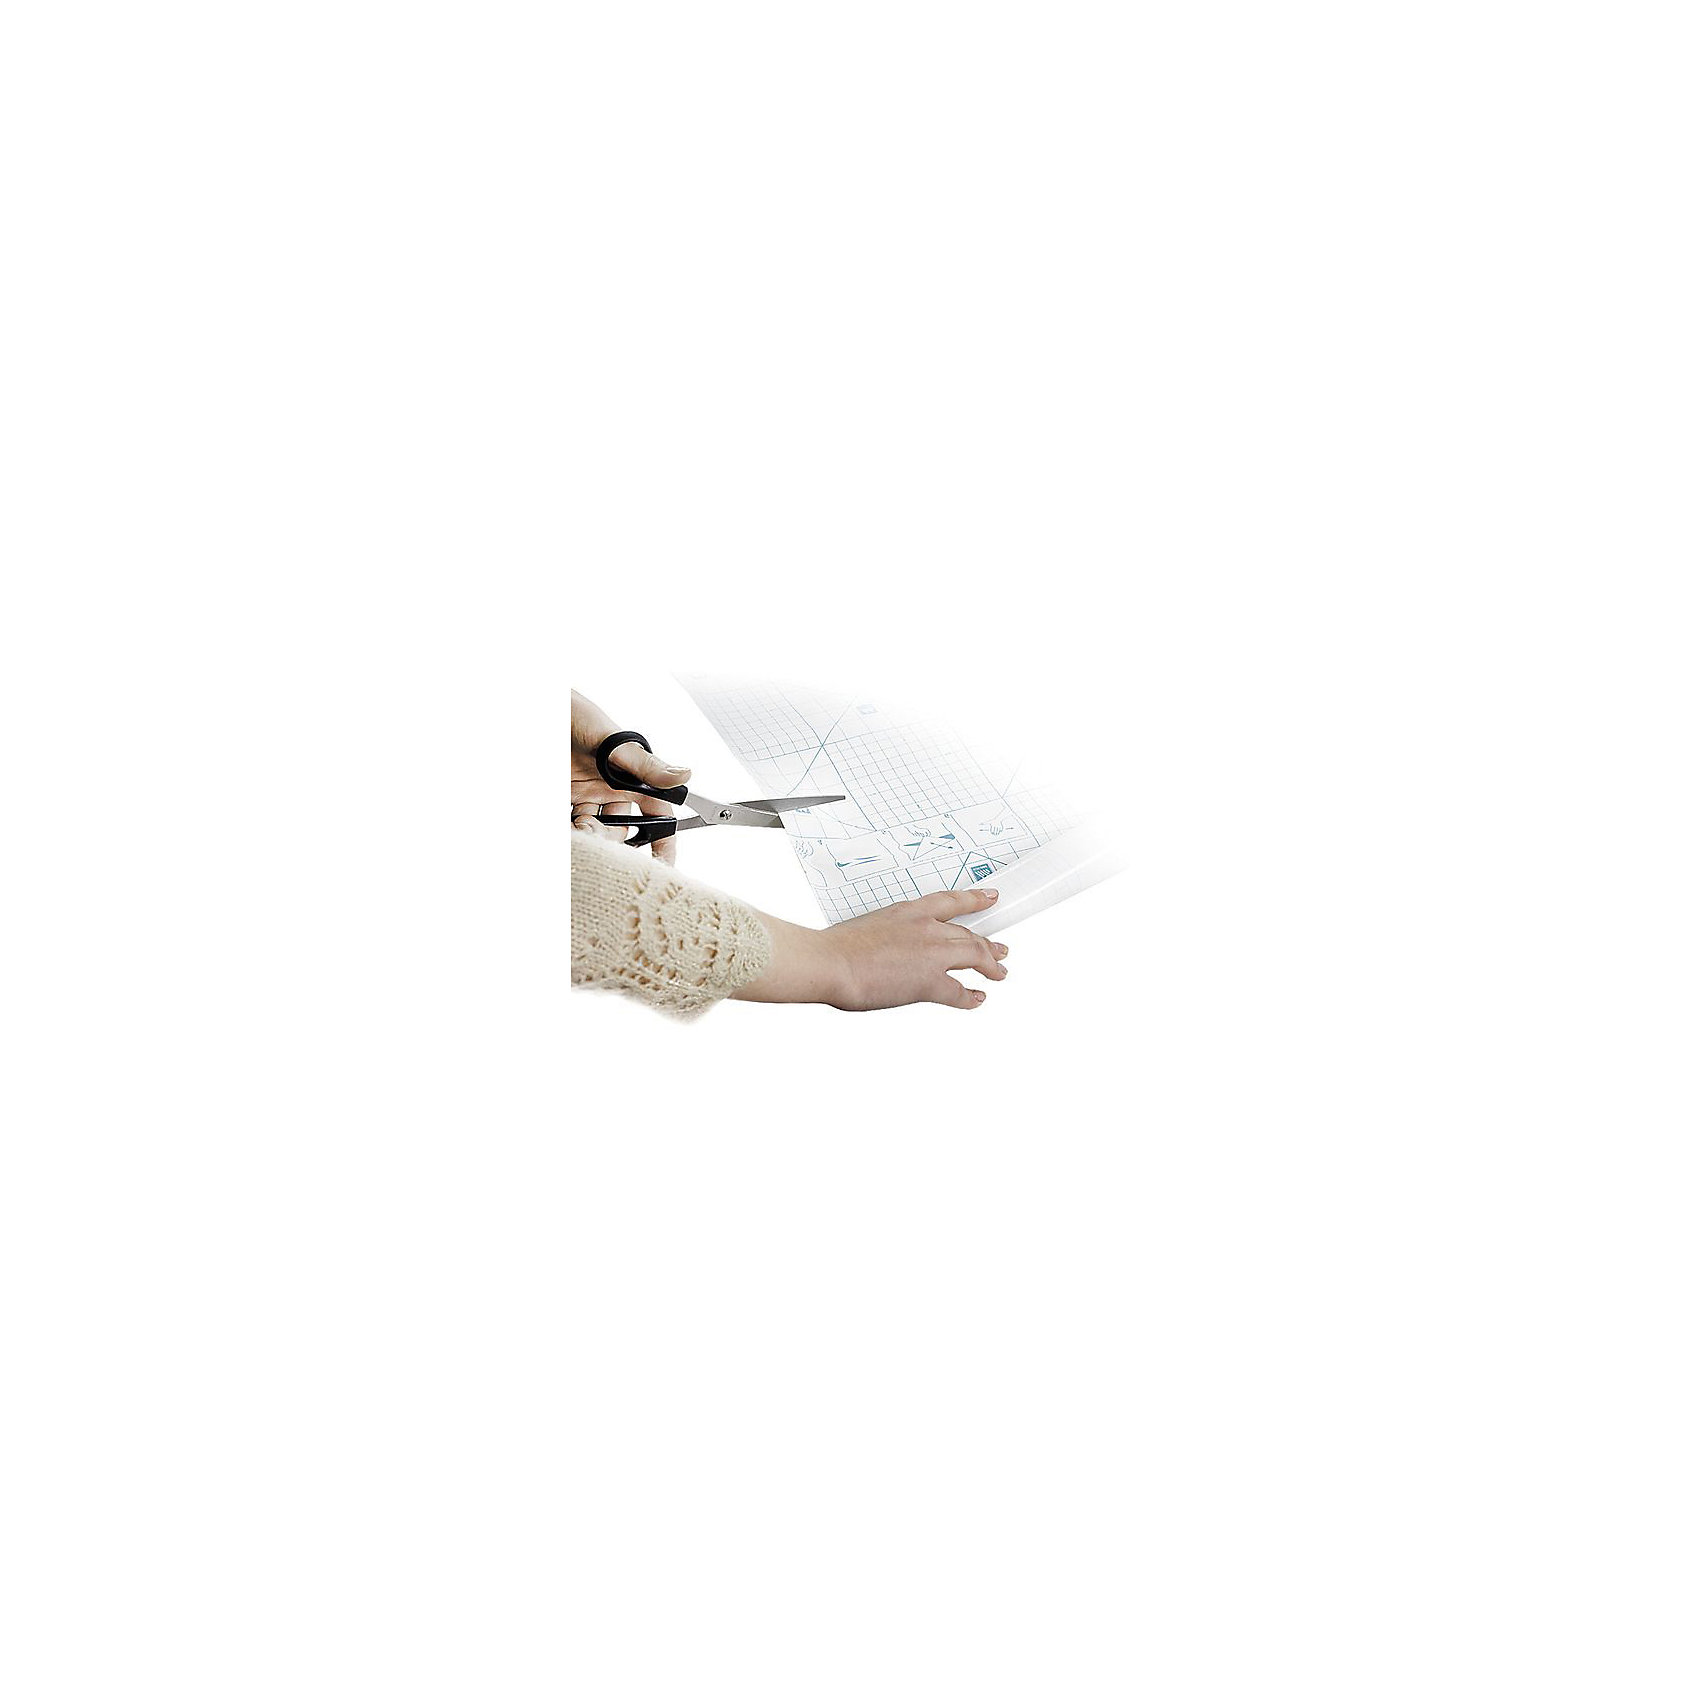 Panta Plast Обложка для книг в рулонеШкольные аксессуары<br>Характеристики товара:<br><br>• размер рулона: 33х150 см;<br>• возраст: от 6 лет;<br>• материал: полипропилен;<br>• размер упаковки: 33х3х 170 см;<br>• вес: 147 грамм.<br><br>Обложки предназначены для защиты книг от намокания, изнашивания и загрязнений. Упаковка в виде рулона особенно удобна - ребенок сможет отмерить необходимое количество обложек. Кроме того, такие обложки подойдут для книг любого размера.<br><br>Panta Plast (Панта Пласт) Обложку для книг в рулоне можно купить в нашем интернет-магазине.<br><br>Ширина мм: 1500<br>Глубина мм: 330<br>Высота мм: 9999<br>Вес г: 147<br>Возраст от месяцев: 84<br>Возраст до месяцев: 156<br>Пол: Унисекс<br>Возраст: Детский<br>SKU: 6858980